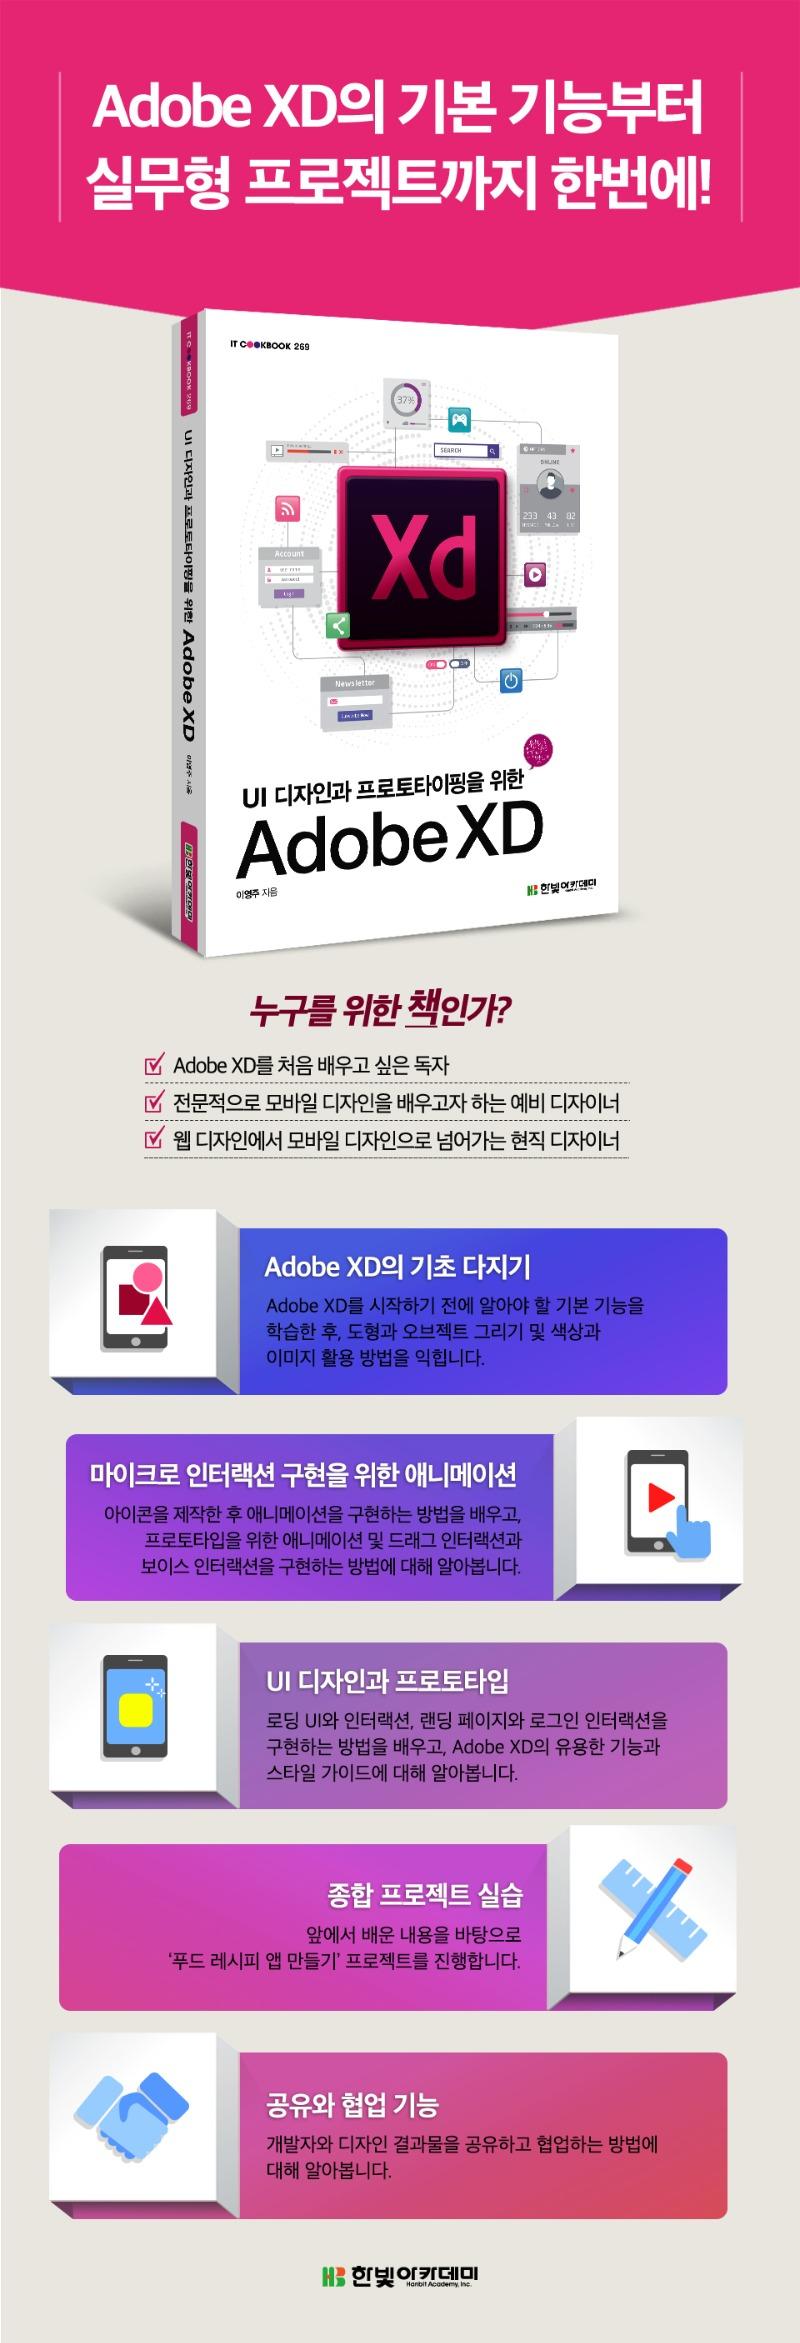 상세이미지_269_Adboe XD_UI 디자인과 프로토타이핑을 위한.jpg